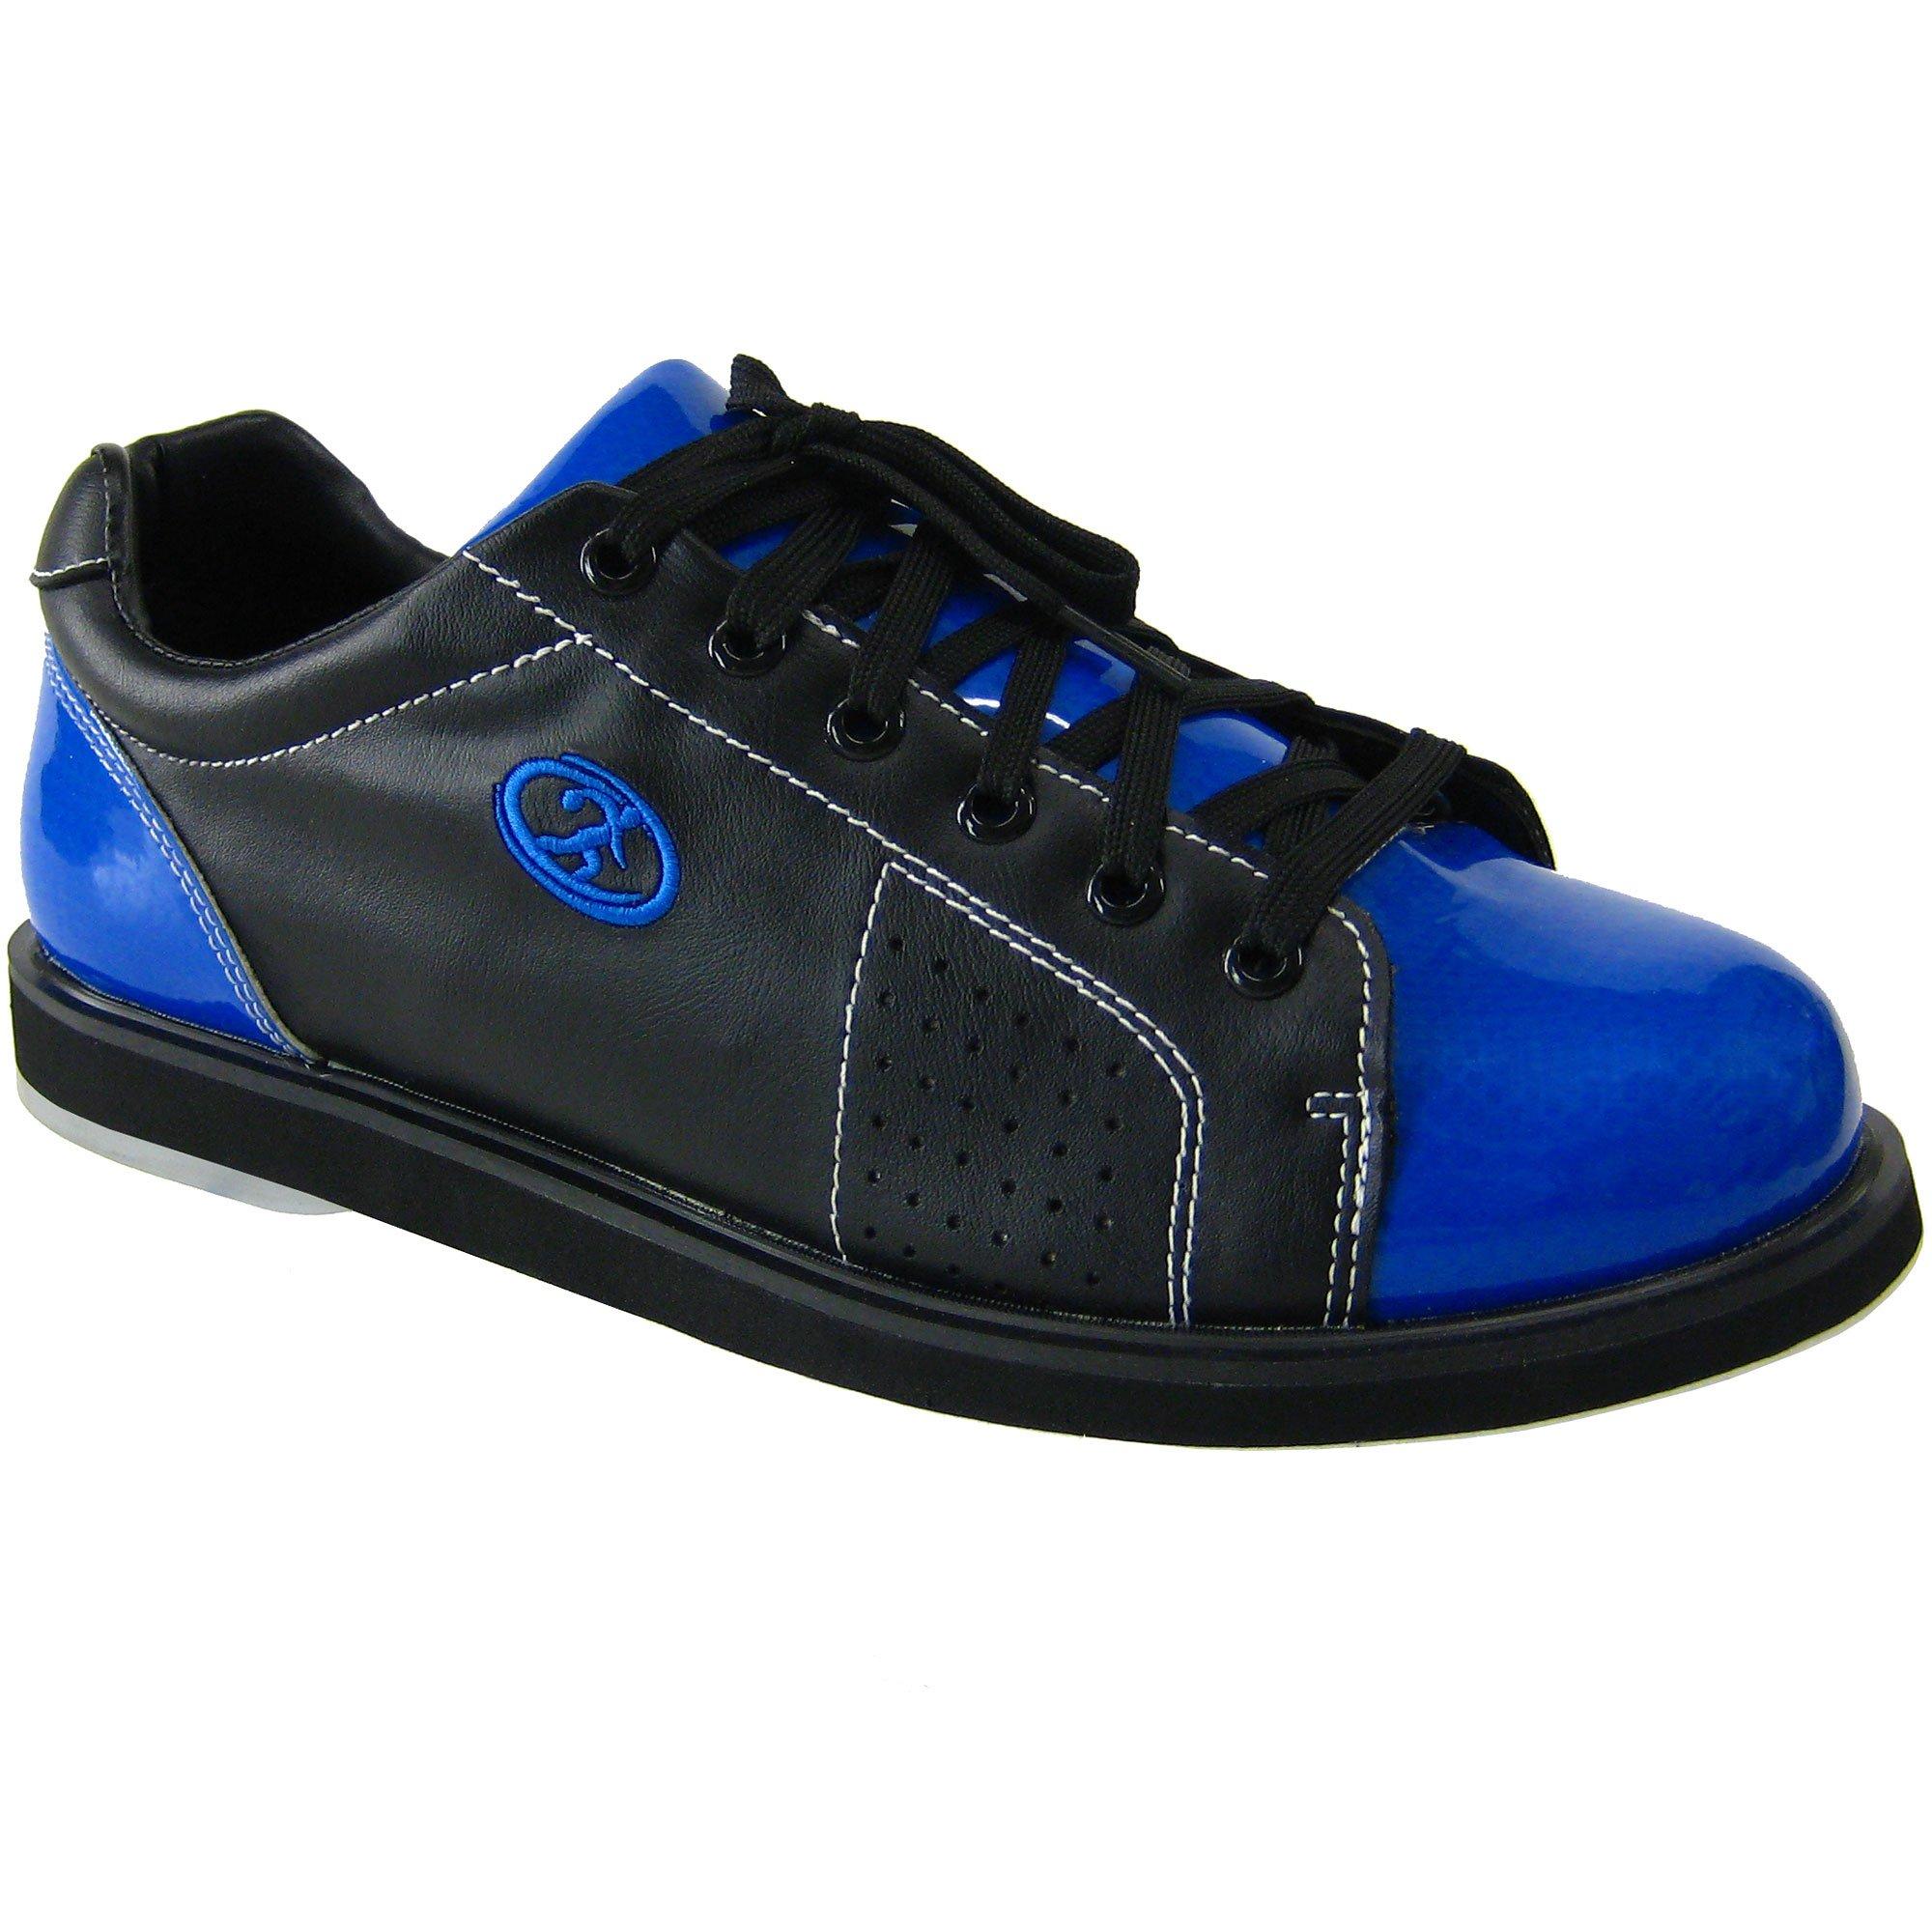 Elite Triton Blue Bowling Shoes - Mens 9.5 by Elite Bowling